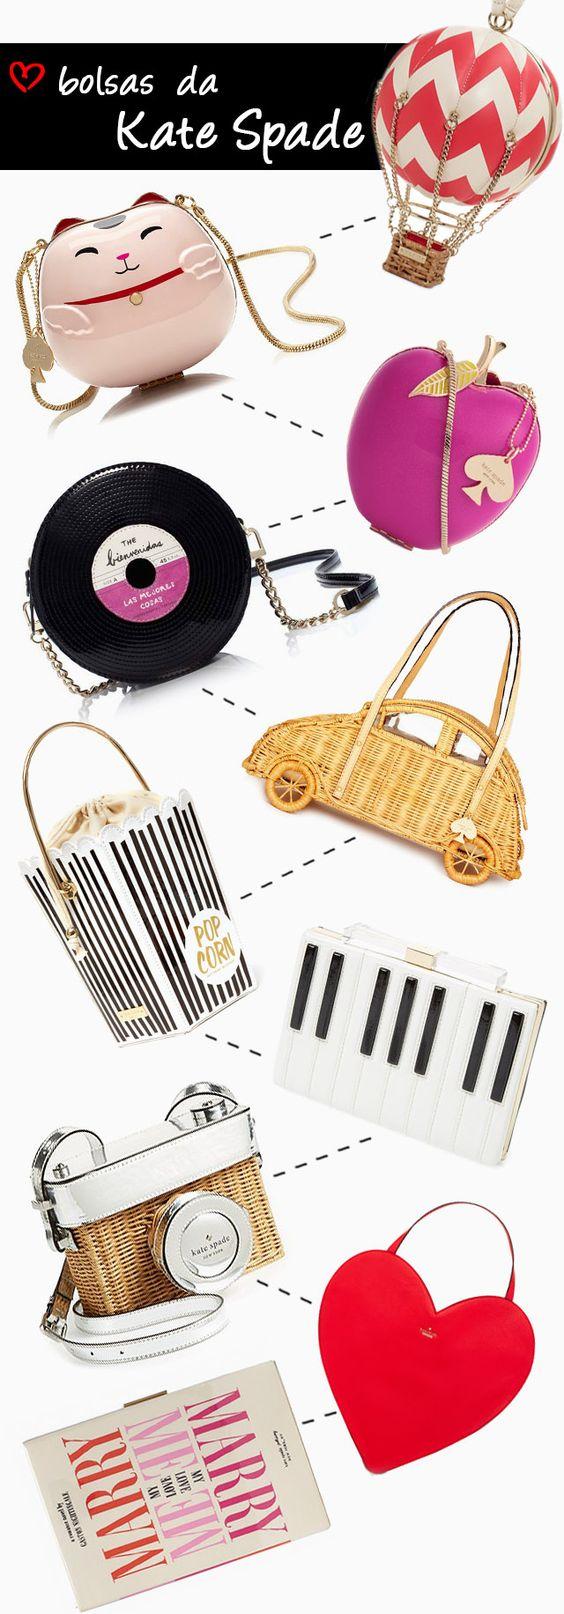 Post sobre as bolsas e clutch da Kate Spade, criativas e cheias de personalidade.